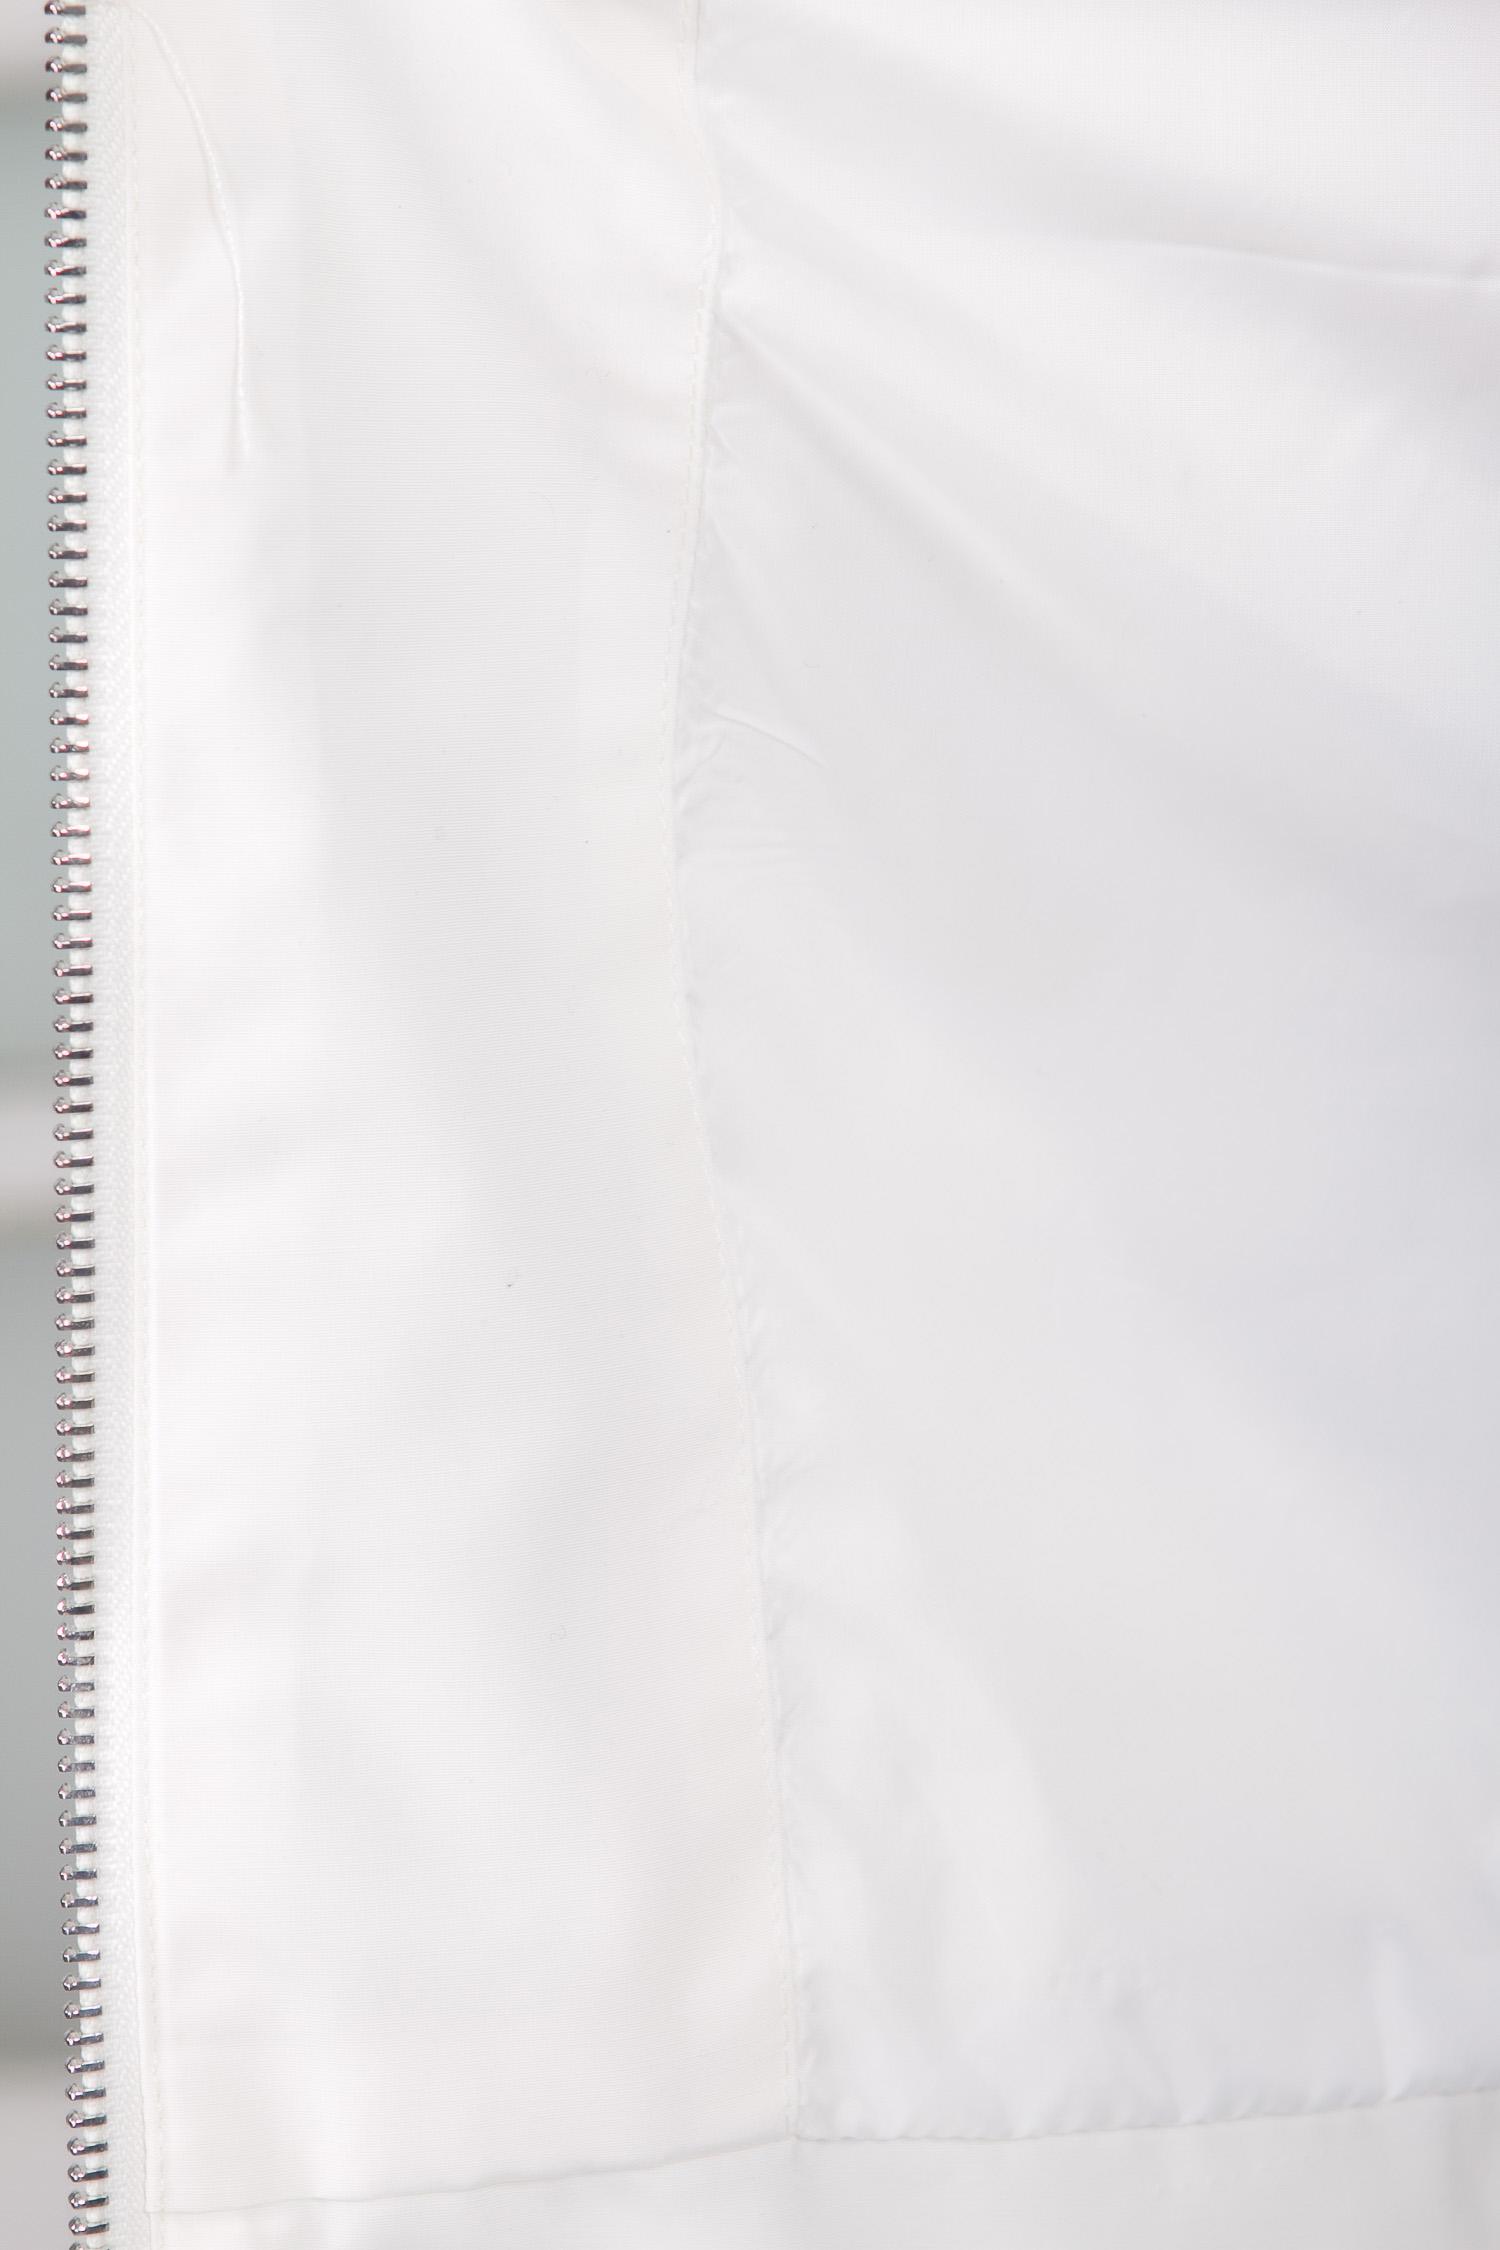 Куртка женская из текстиля из текстиля с капюшоном, без отделки от Московская Меховая Компания